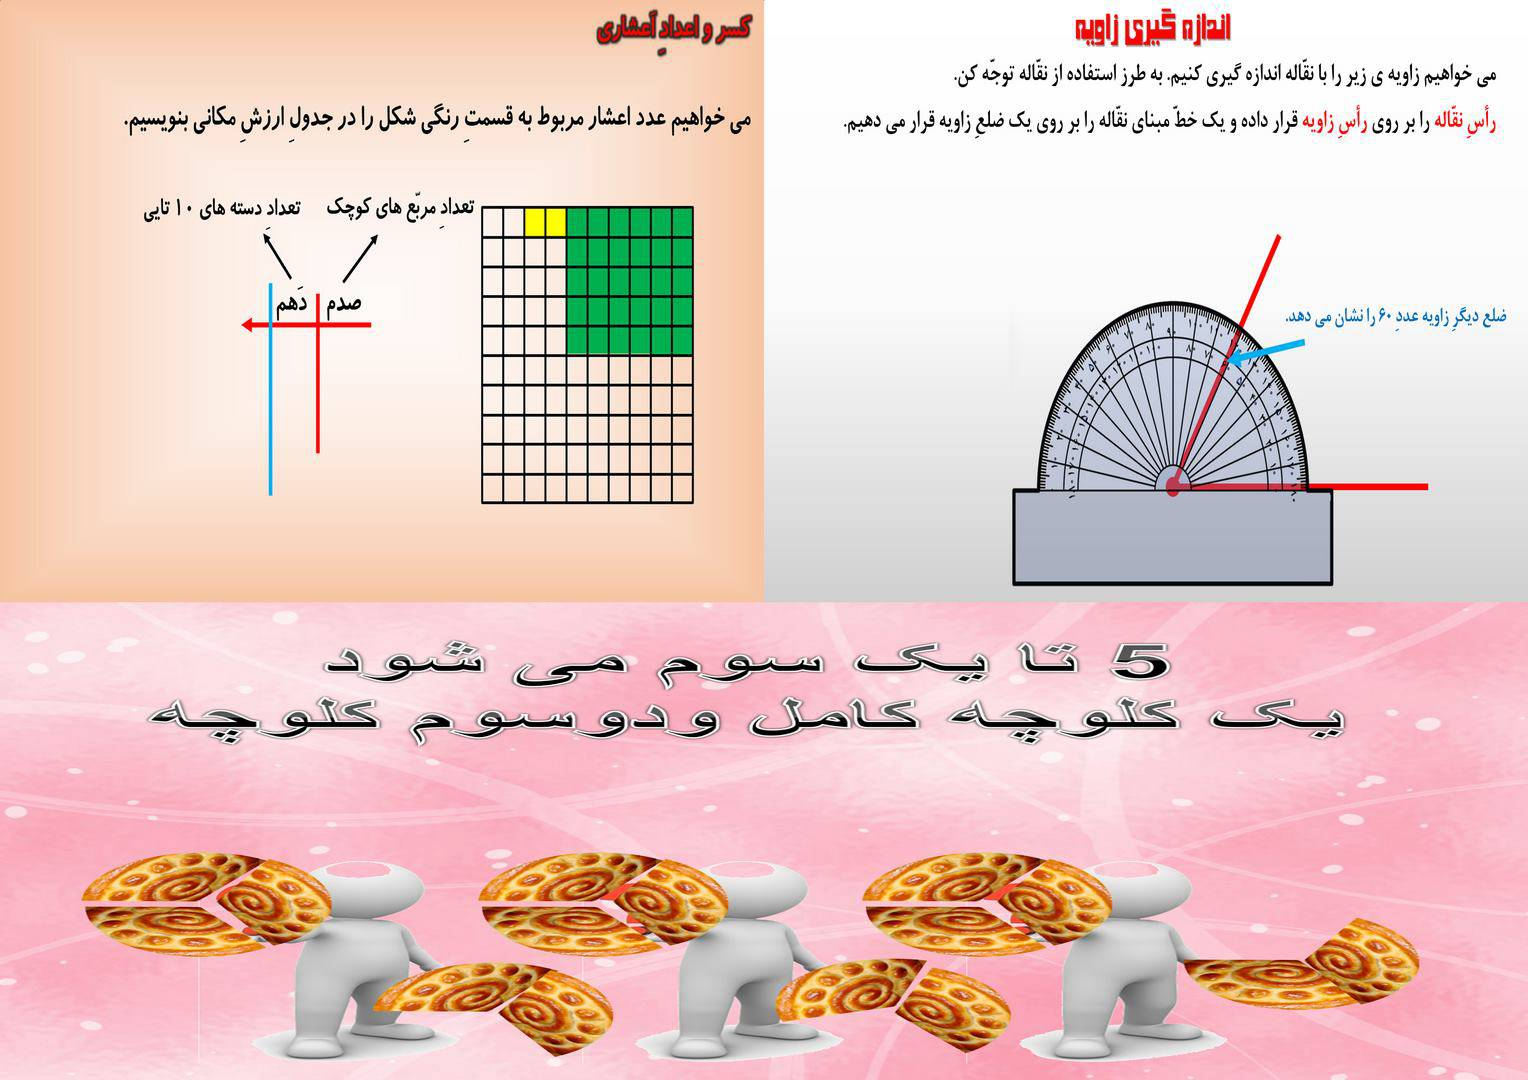 پاورپوینت ریاضی پنجم وششم(اعشار،کسر،زاویه،تقارن،تقسیم کسر،تناسب،عدد مخلوط)